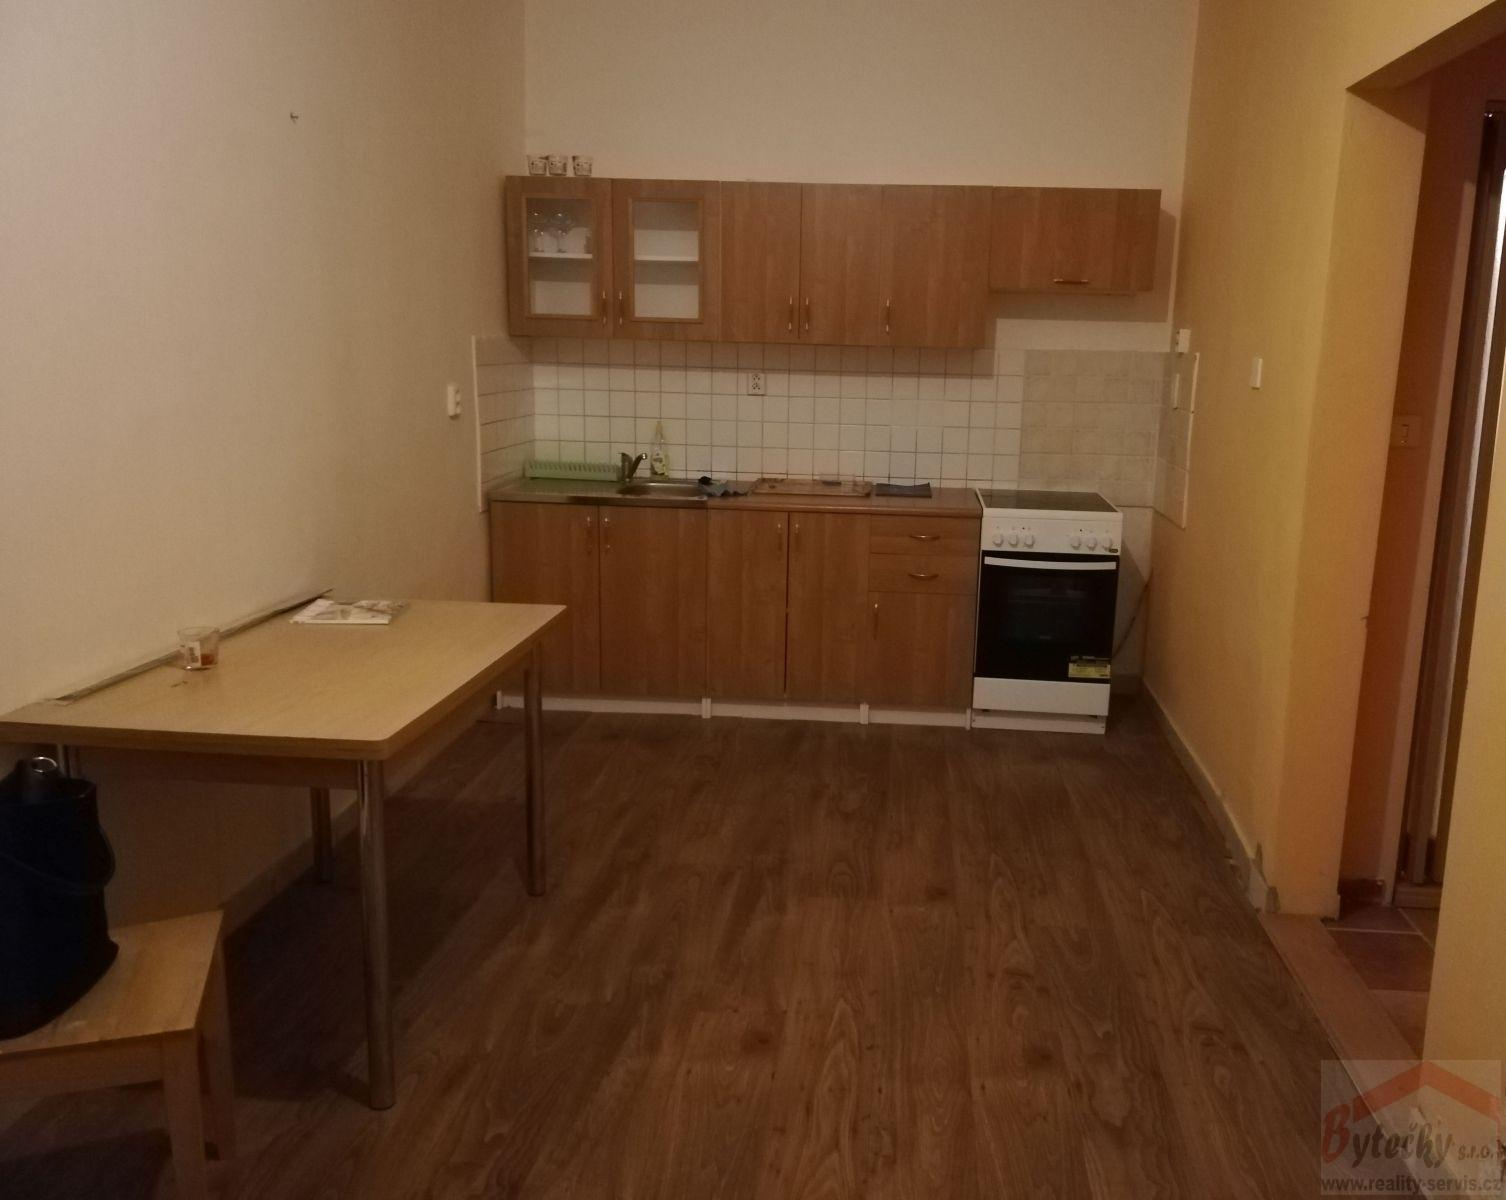 Pronájem částečně zaříz. bytu 1+1, 38 m2, Praha 4, Marie Cibulkové, metro Pražsk. povst. 6 min, Vyše